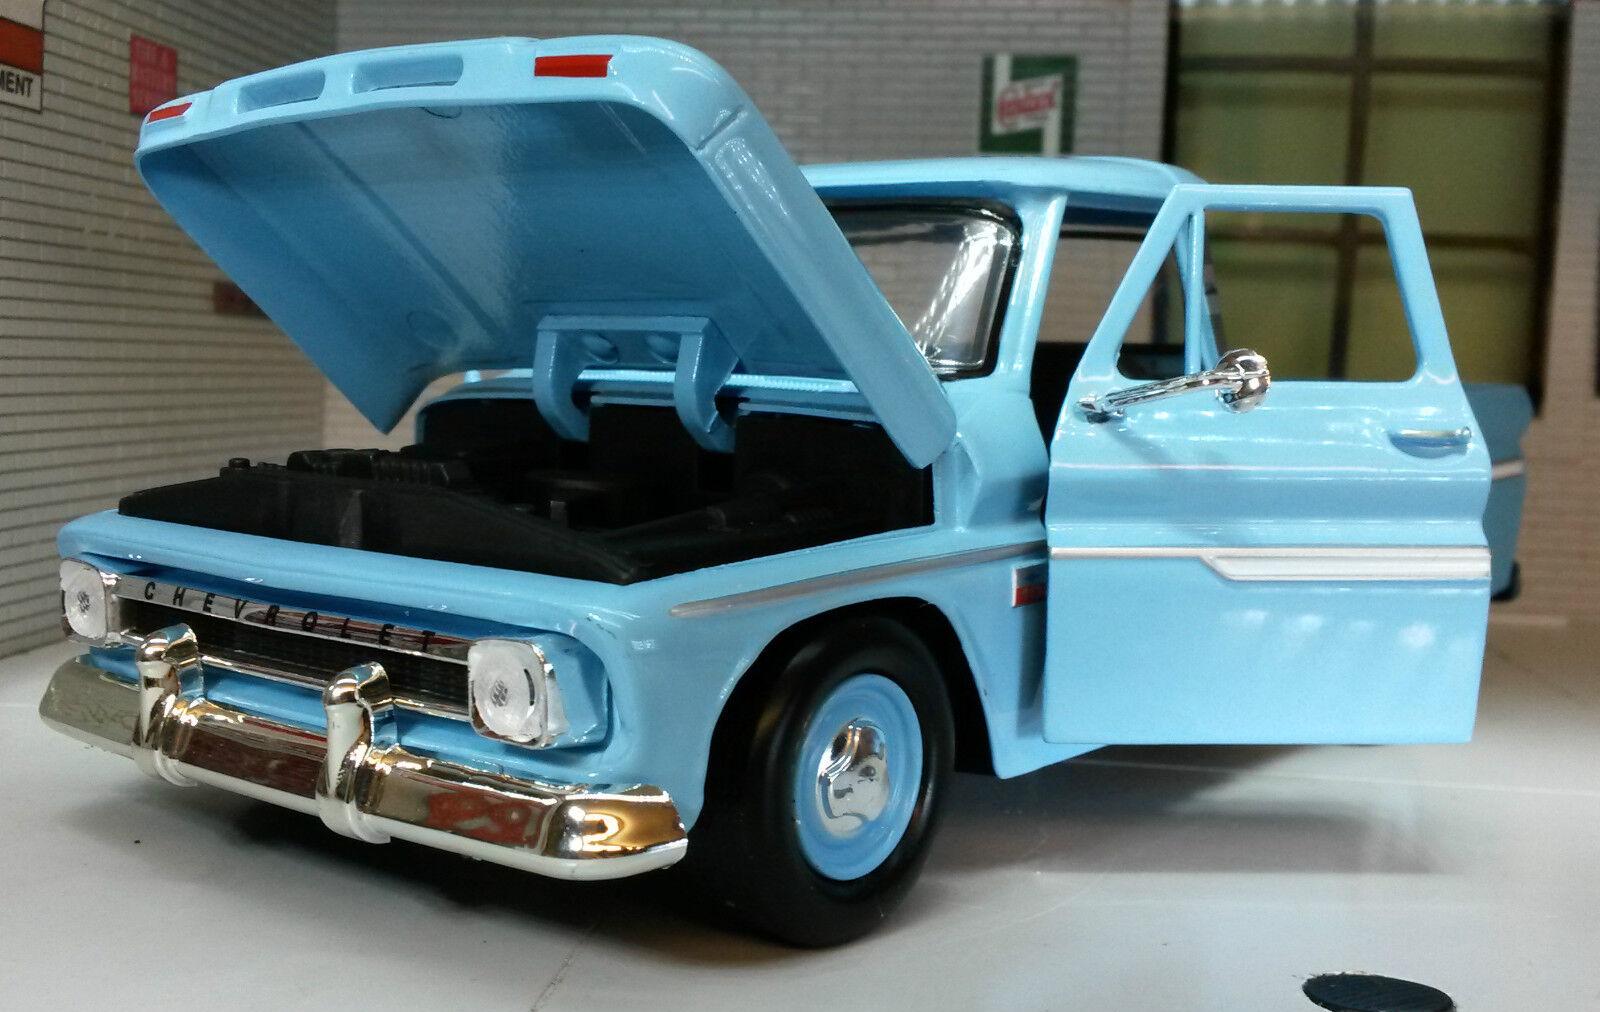 G G G LGB 1 24 Escala 1966 Chevy c-10 Fleetside Wrecker Grúa modelo fundido 75430 e94e2e